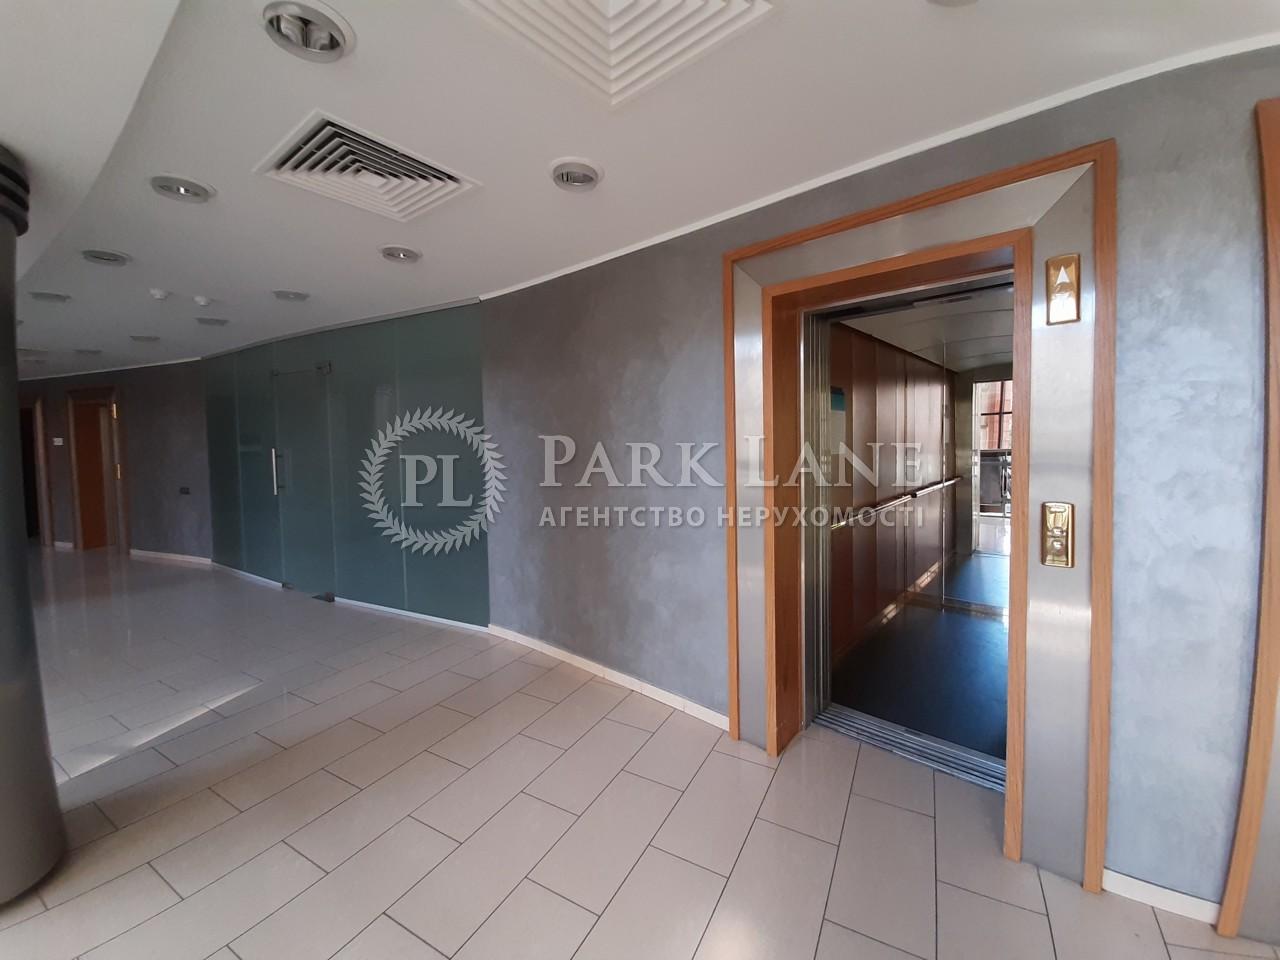 Нежилое помещение, ул. Дмитриевская, Киев, N-21855 - Фото 20